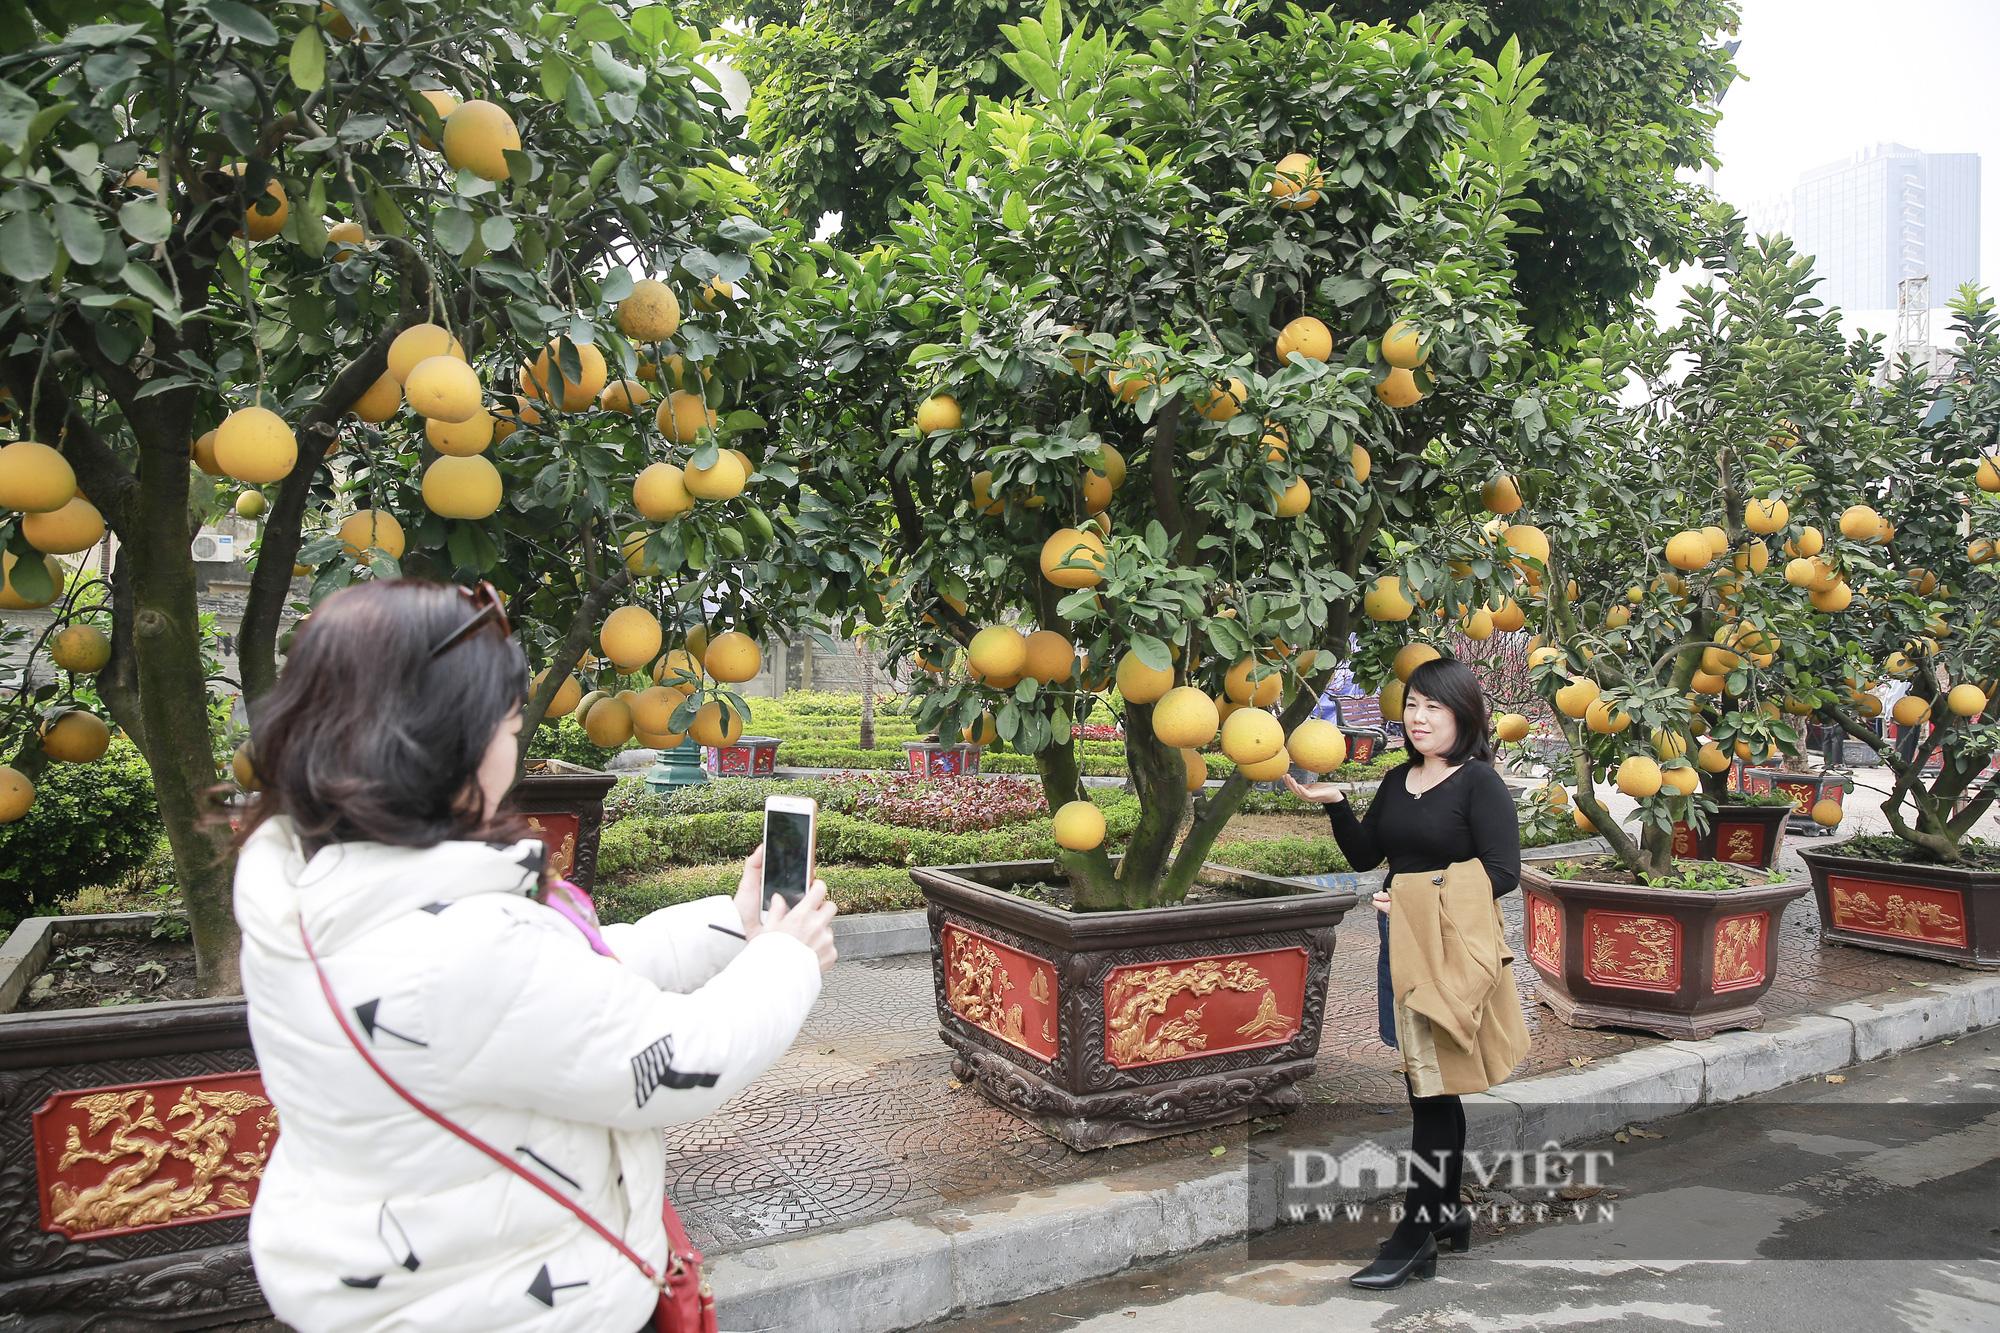 Bưởi cảnh trĩu quả giá chục triệu xuất hiện tại đường phố Hà Nội - Ảnh 12.